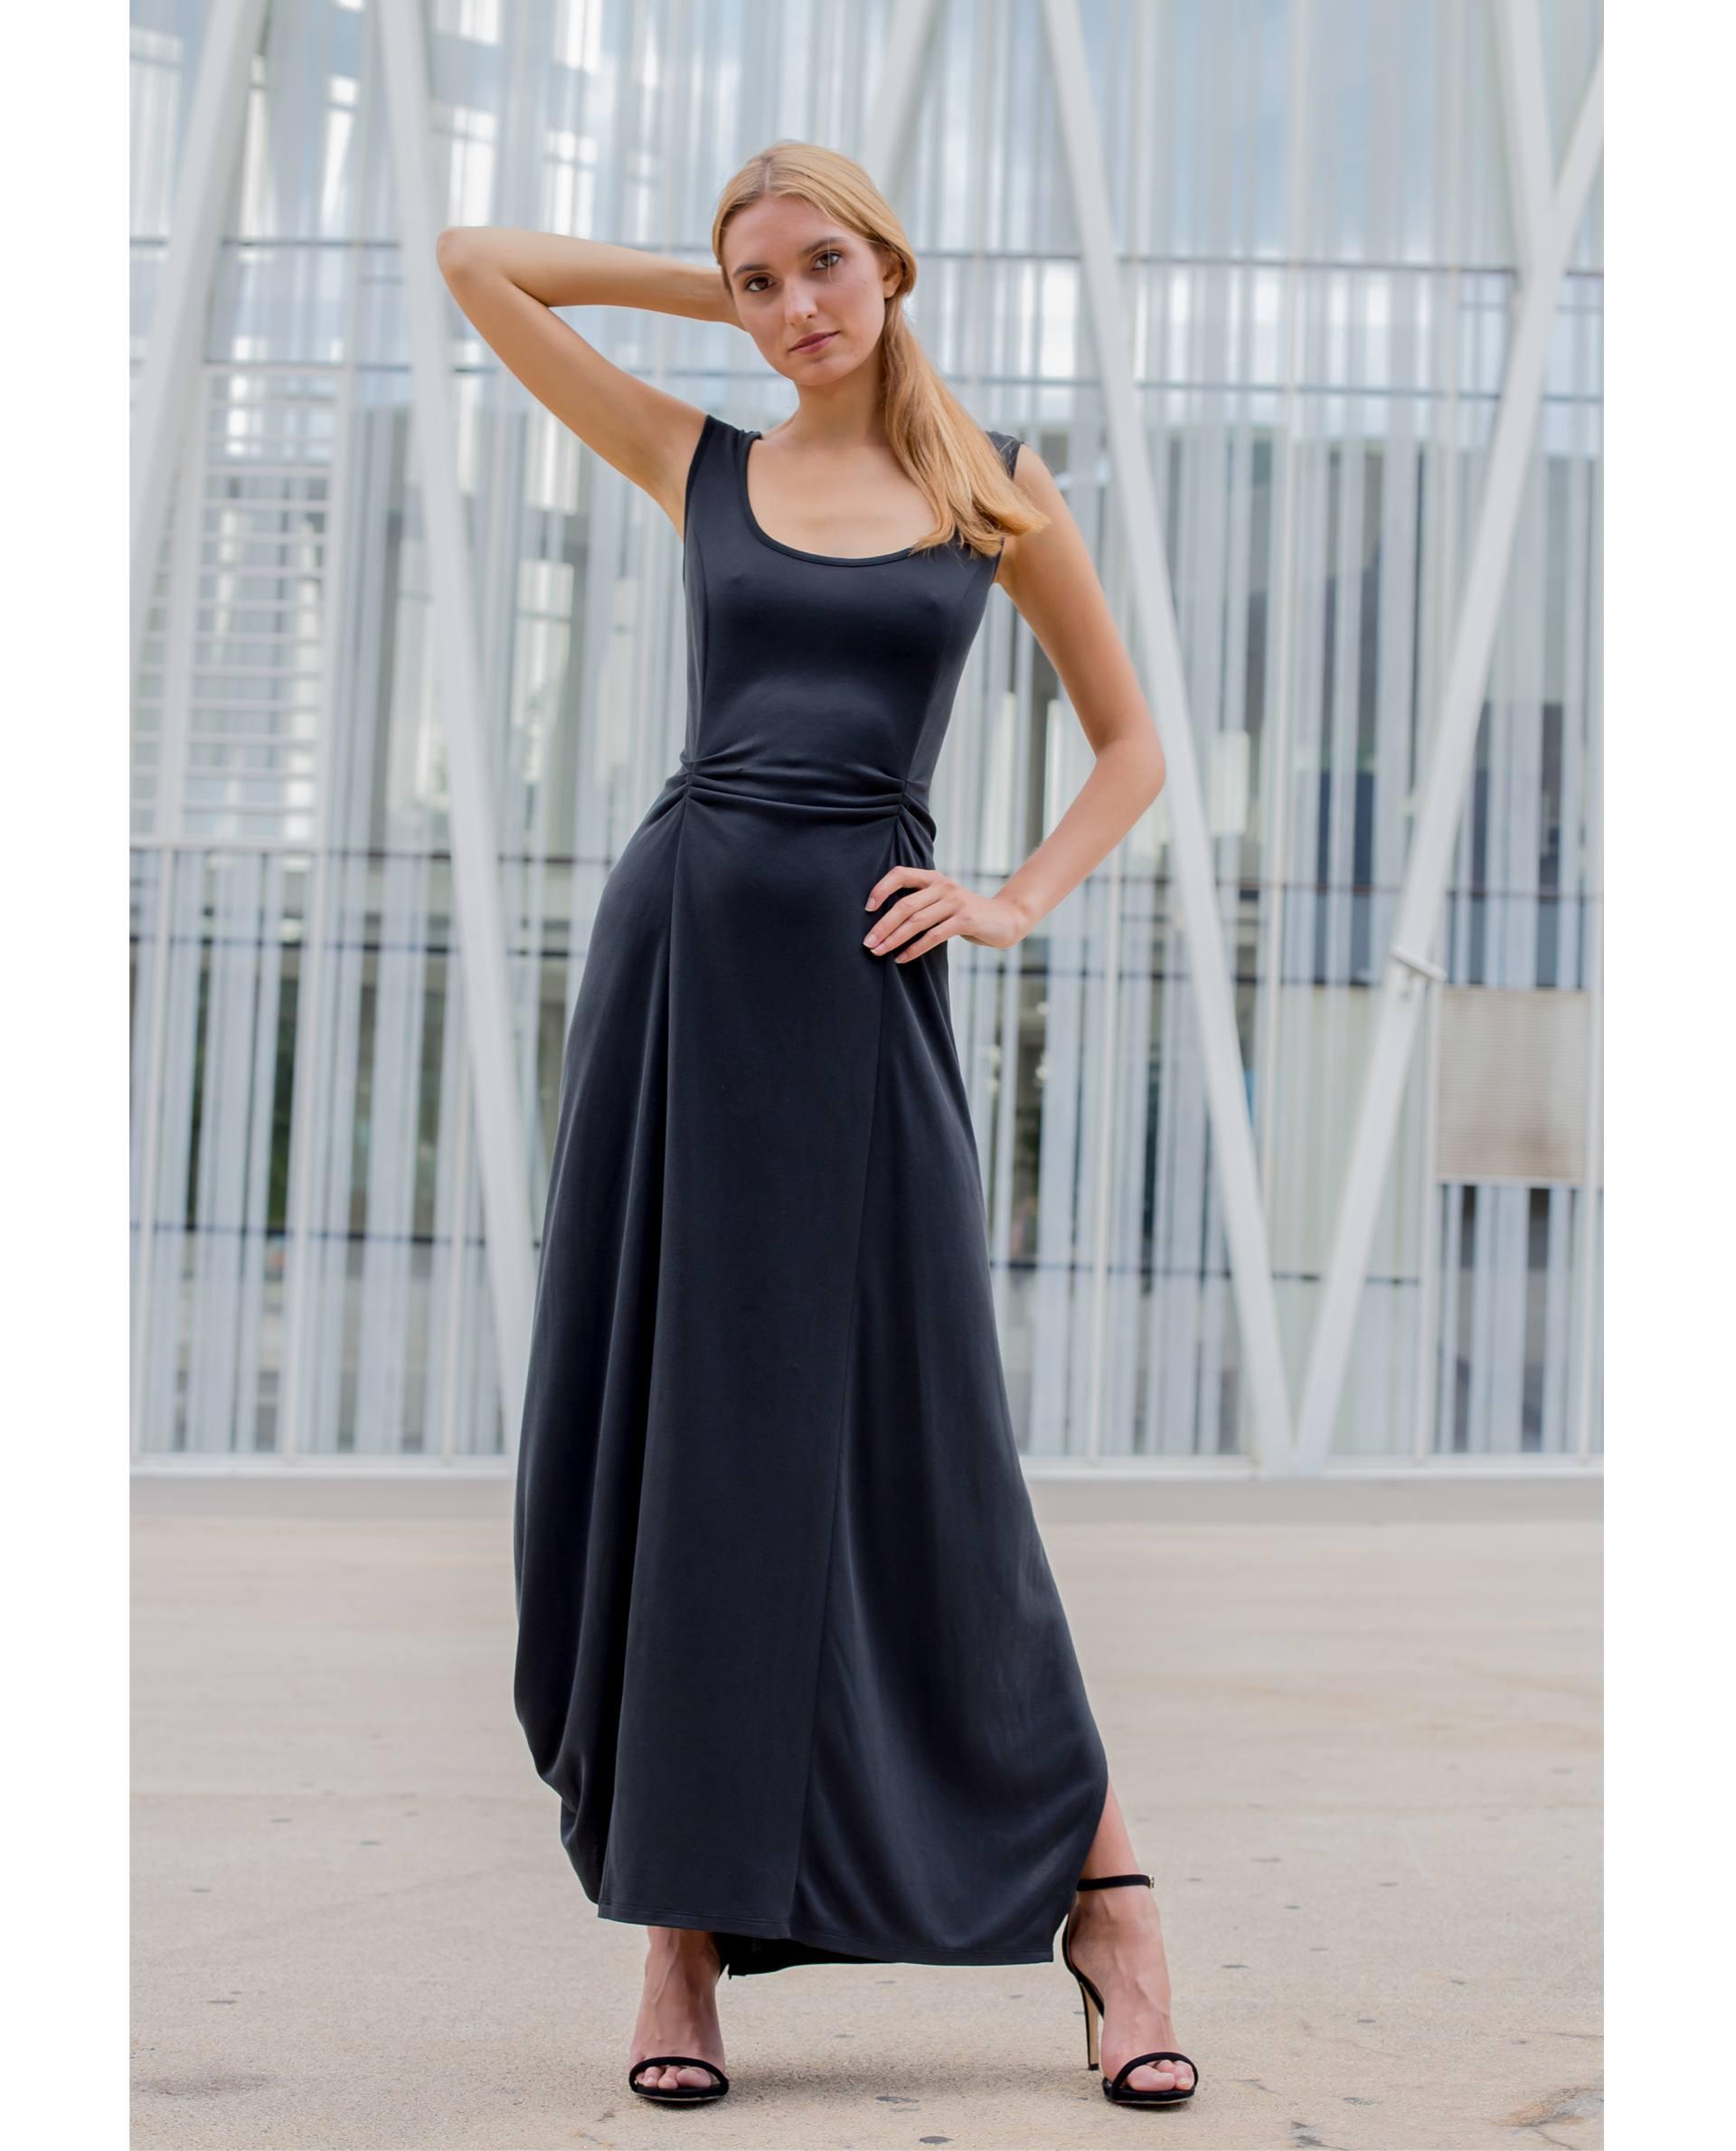 PRÊT À PORTER-SPRING/SUMMER 2018 - VESTIDOS - vestido viscosa negro Palafrugell